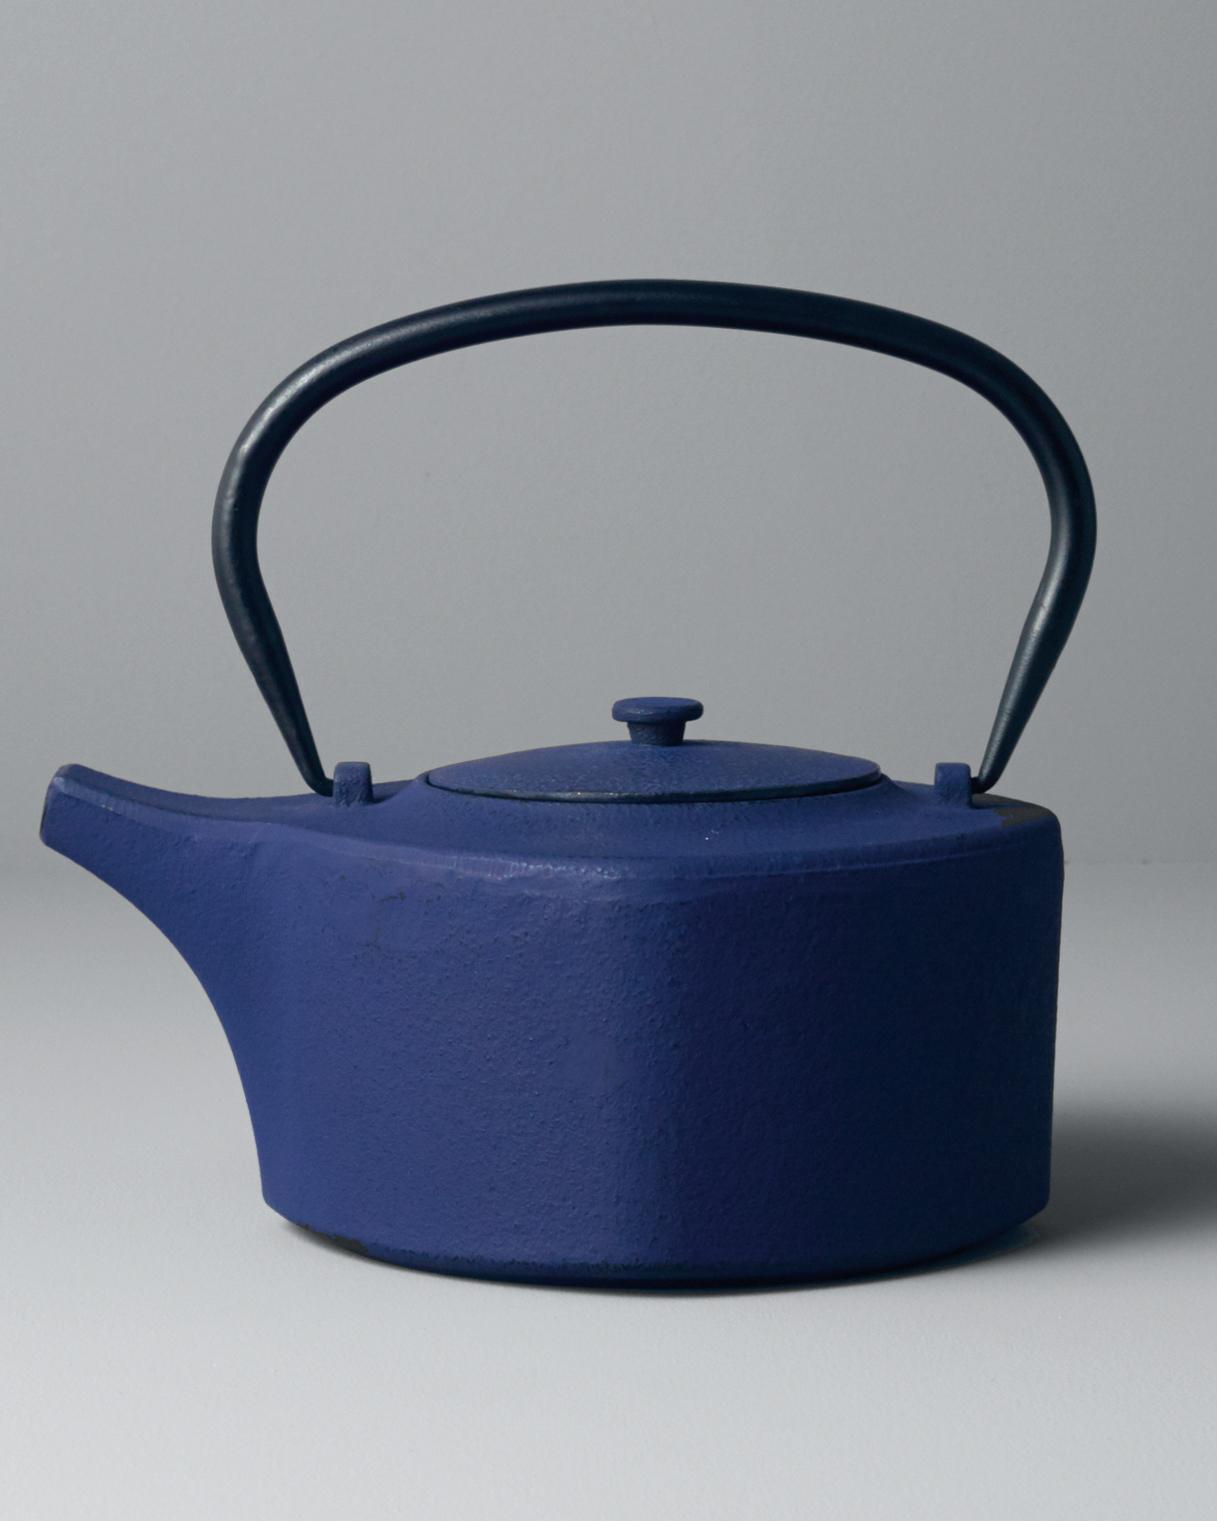 teapot-276-d112473.jpg